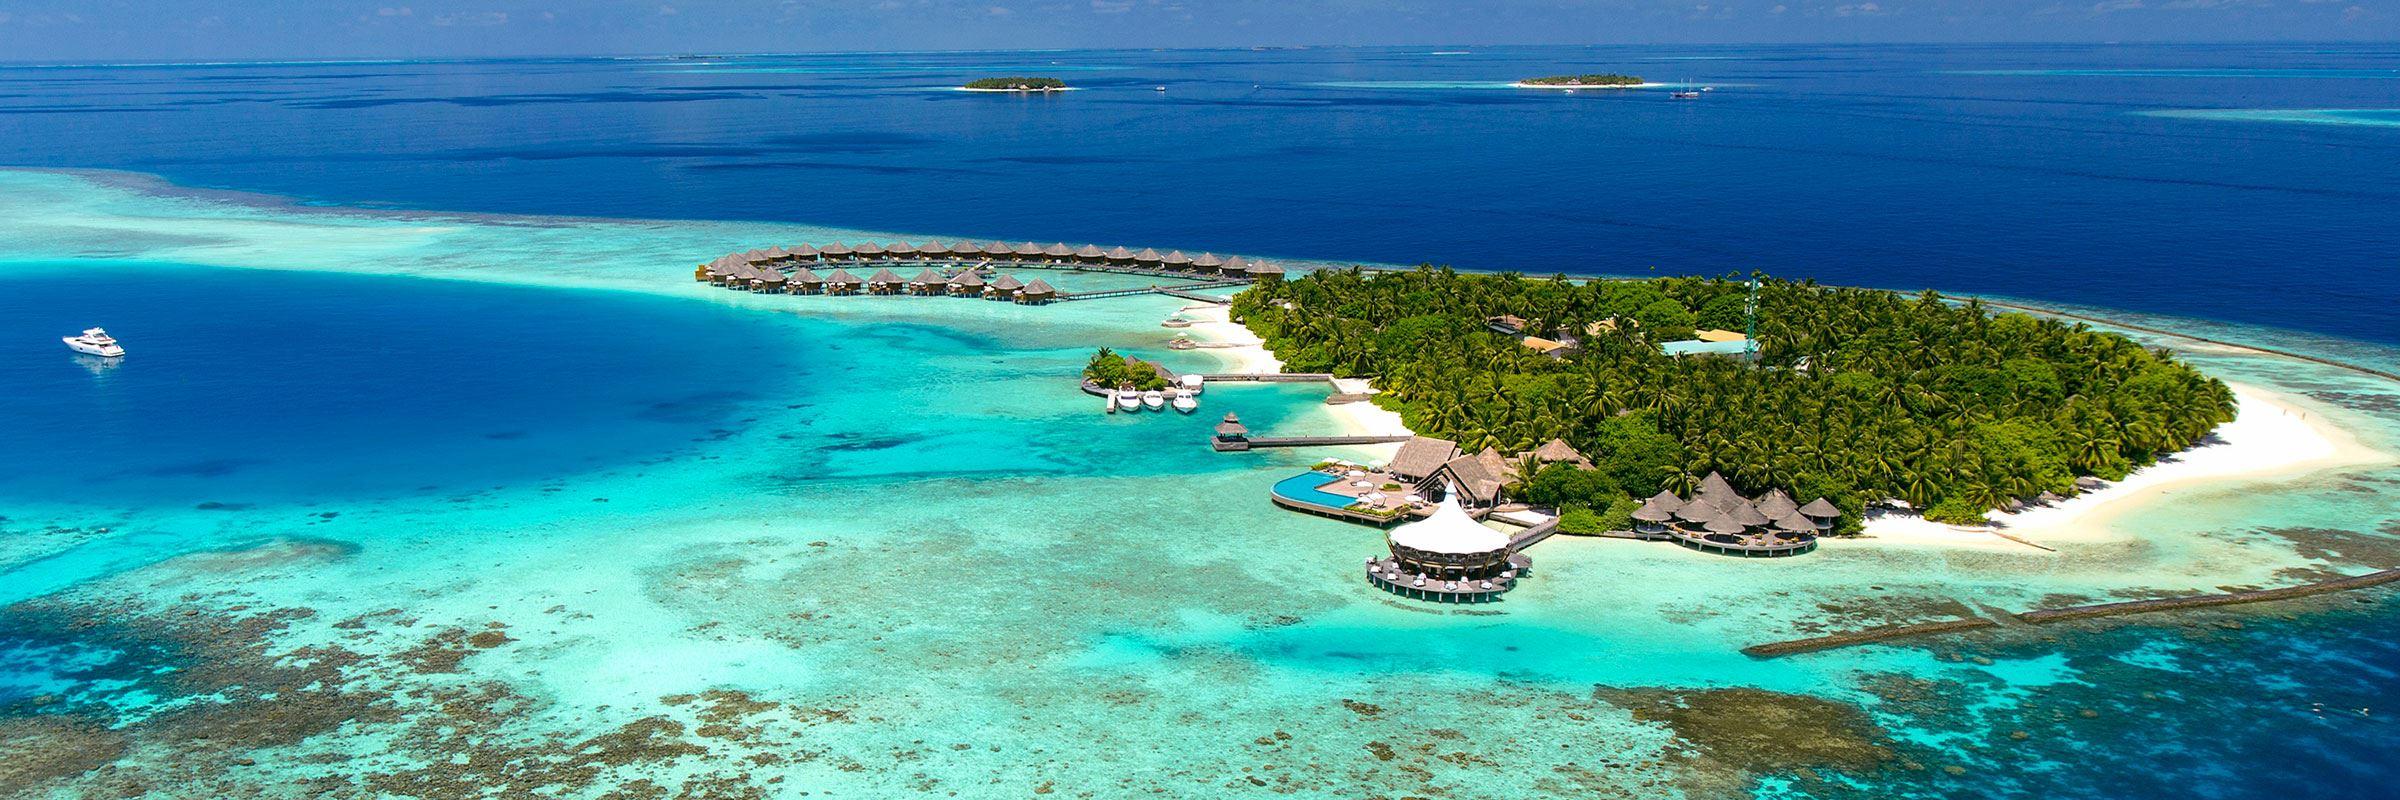 Aerial view, Baros, Maldives